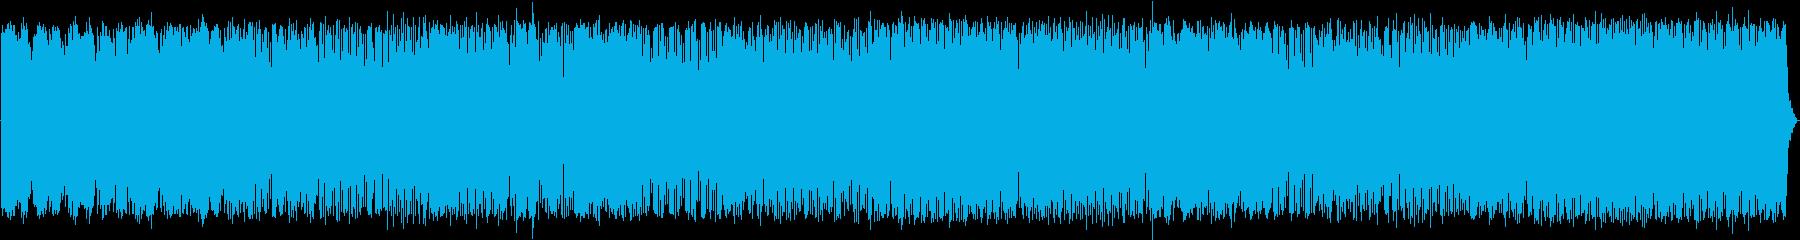 モダンなシンセサイザーメロディと脈...の再生済みの波形